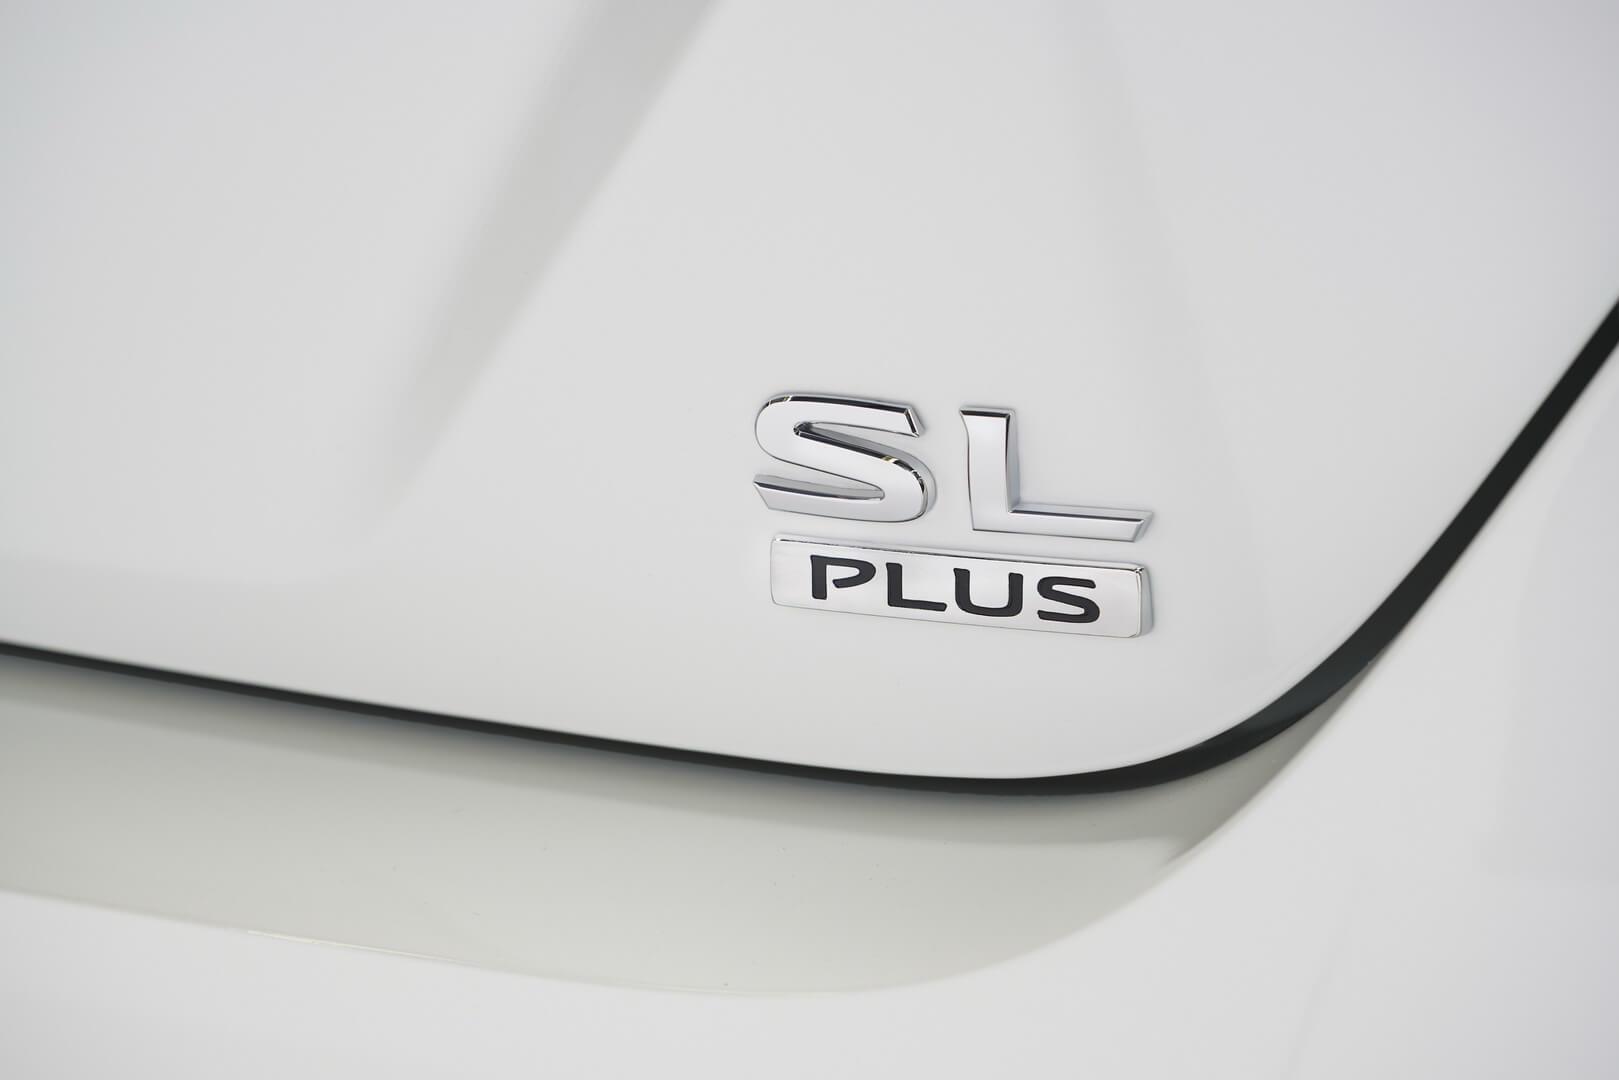 Обозначение самой дорогой комплектации Nissan Leaf Plus